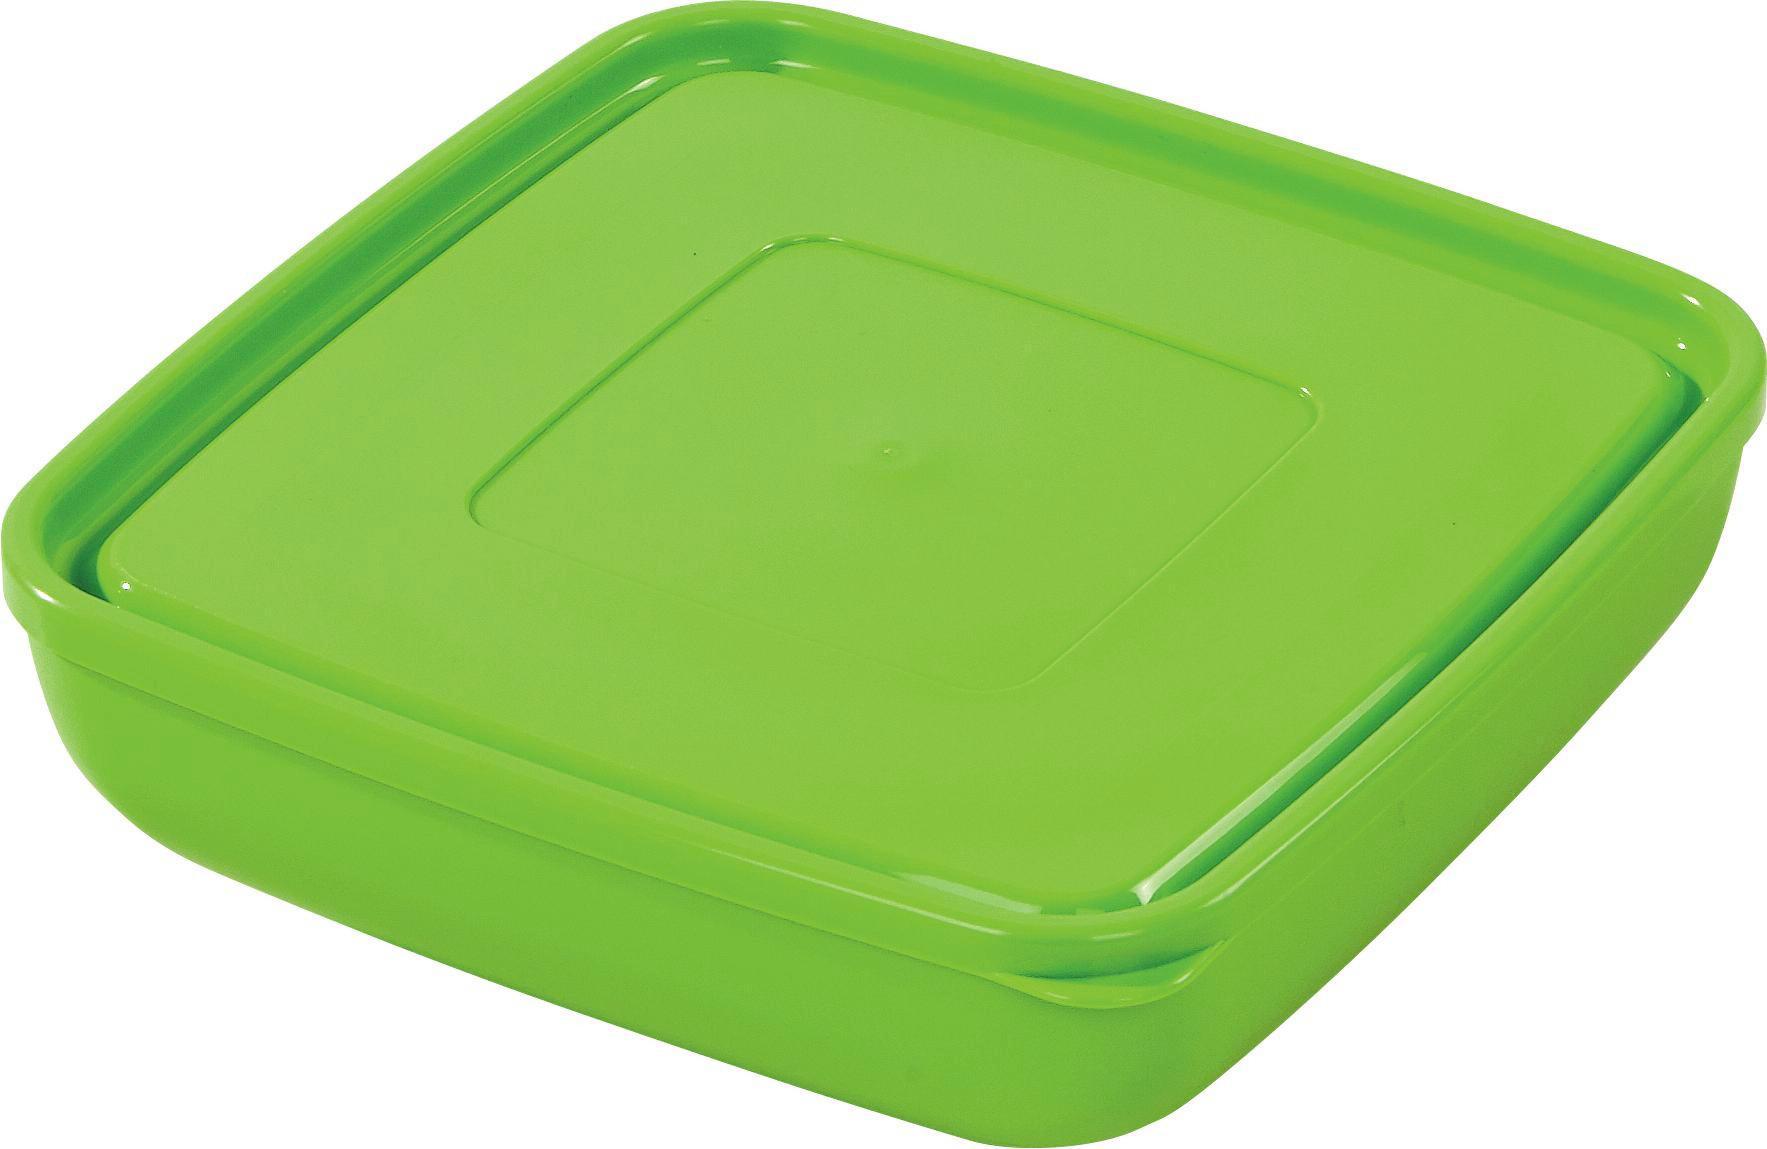 Tárolóedény Ines - krém/szürke, konvencionális, műanyag (20/6,3cm) - OMBRA